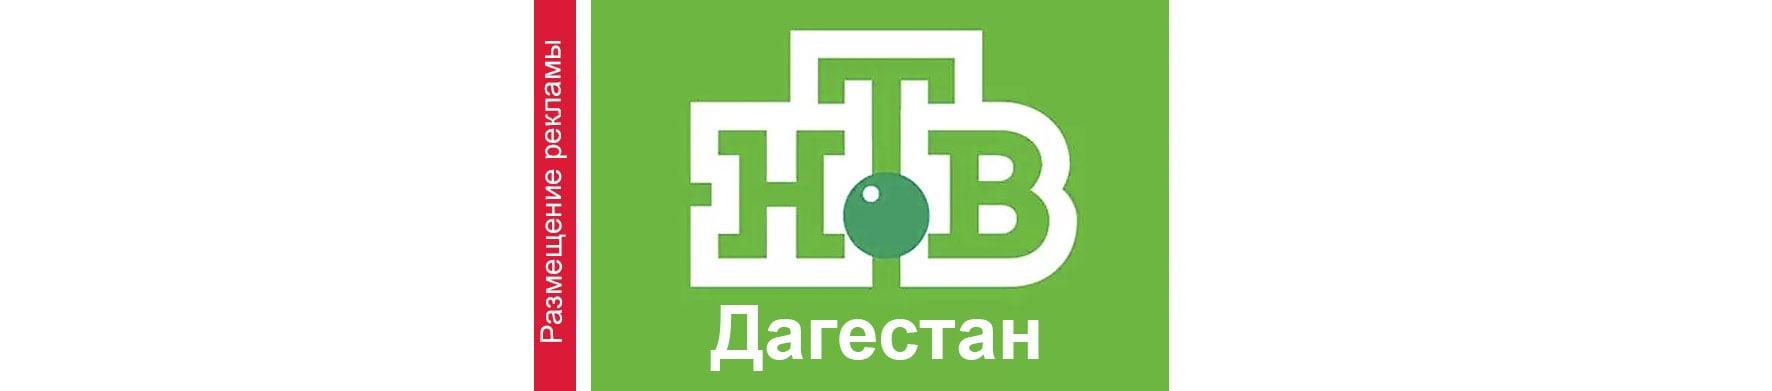 Реклама на телевидении в Дагестане нтв